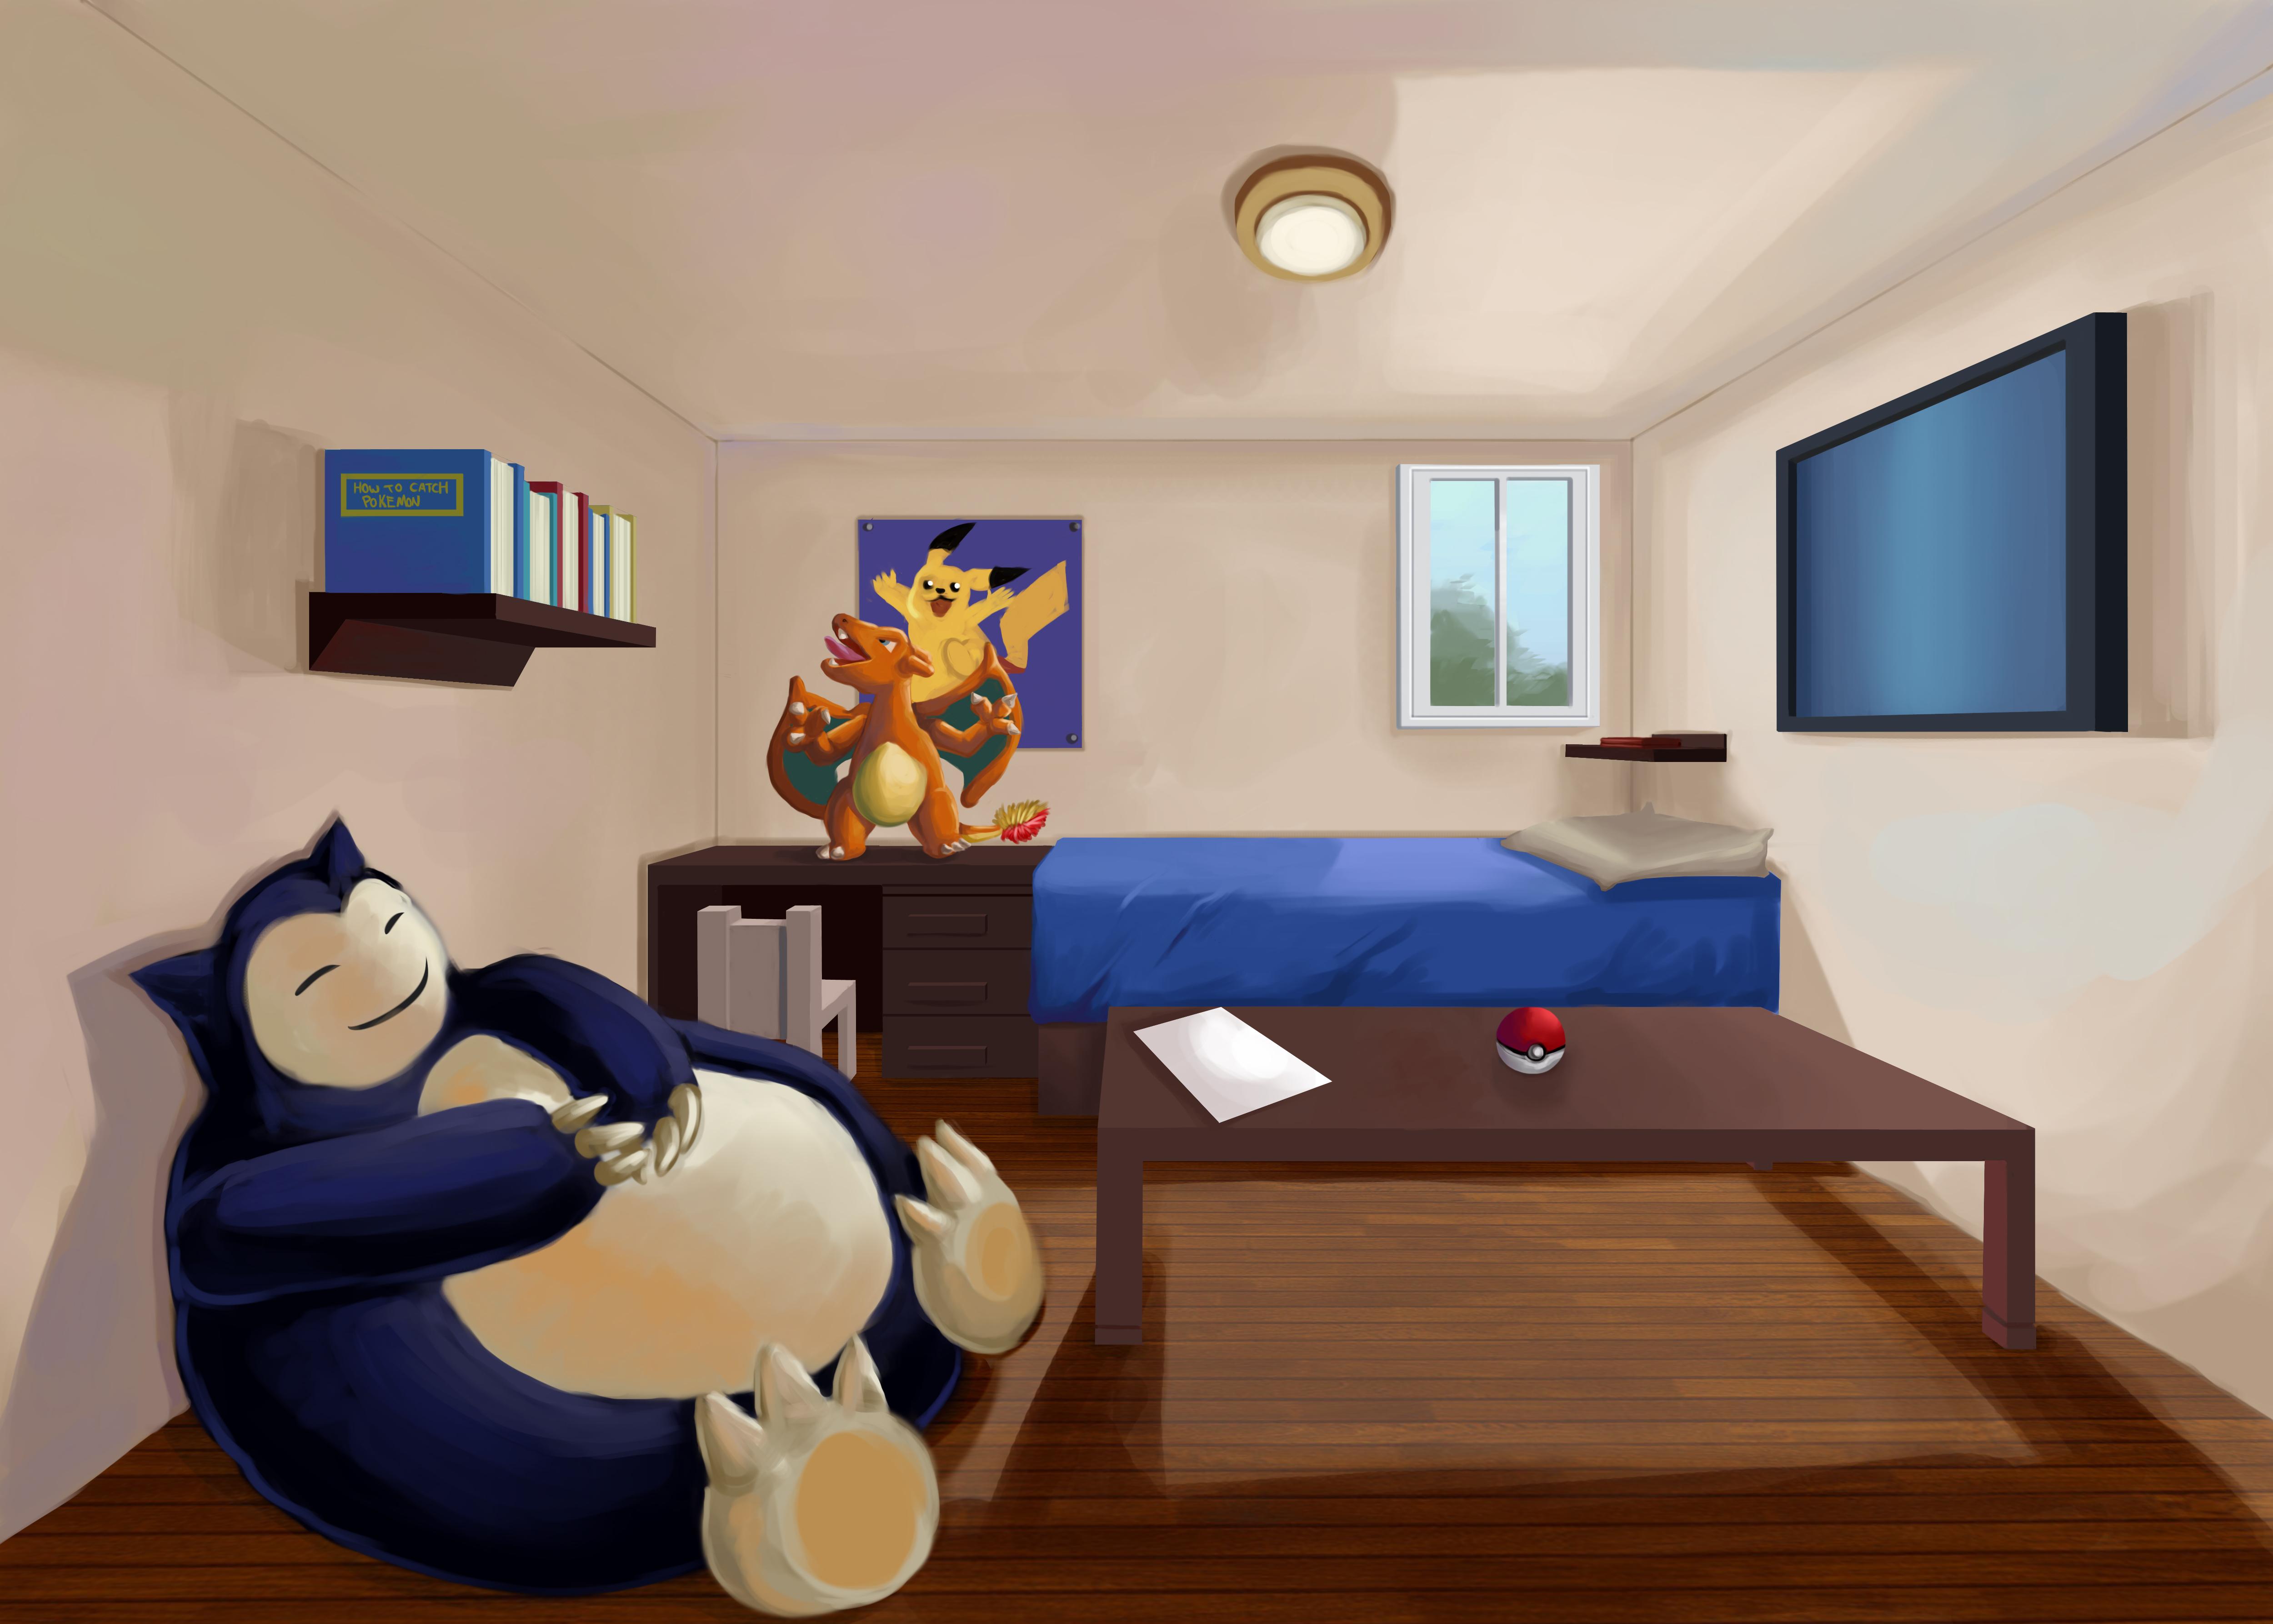 Pokemon Bedroom Wallpaper Pokemon Room By Timothywilson On Deviantart